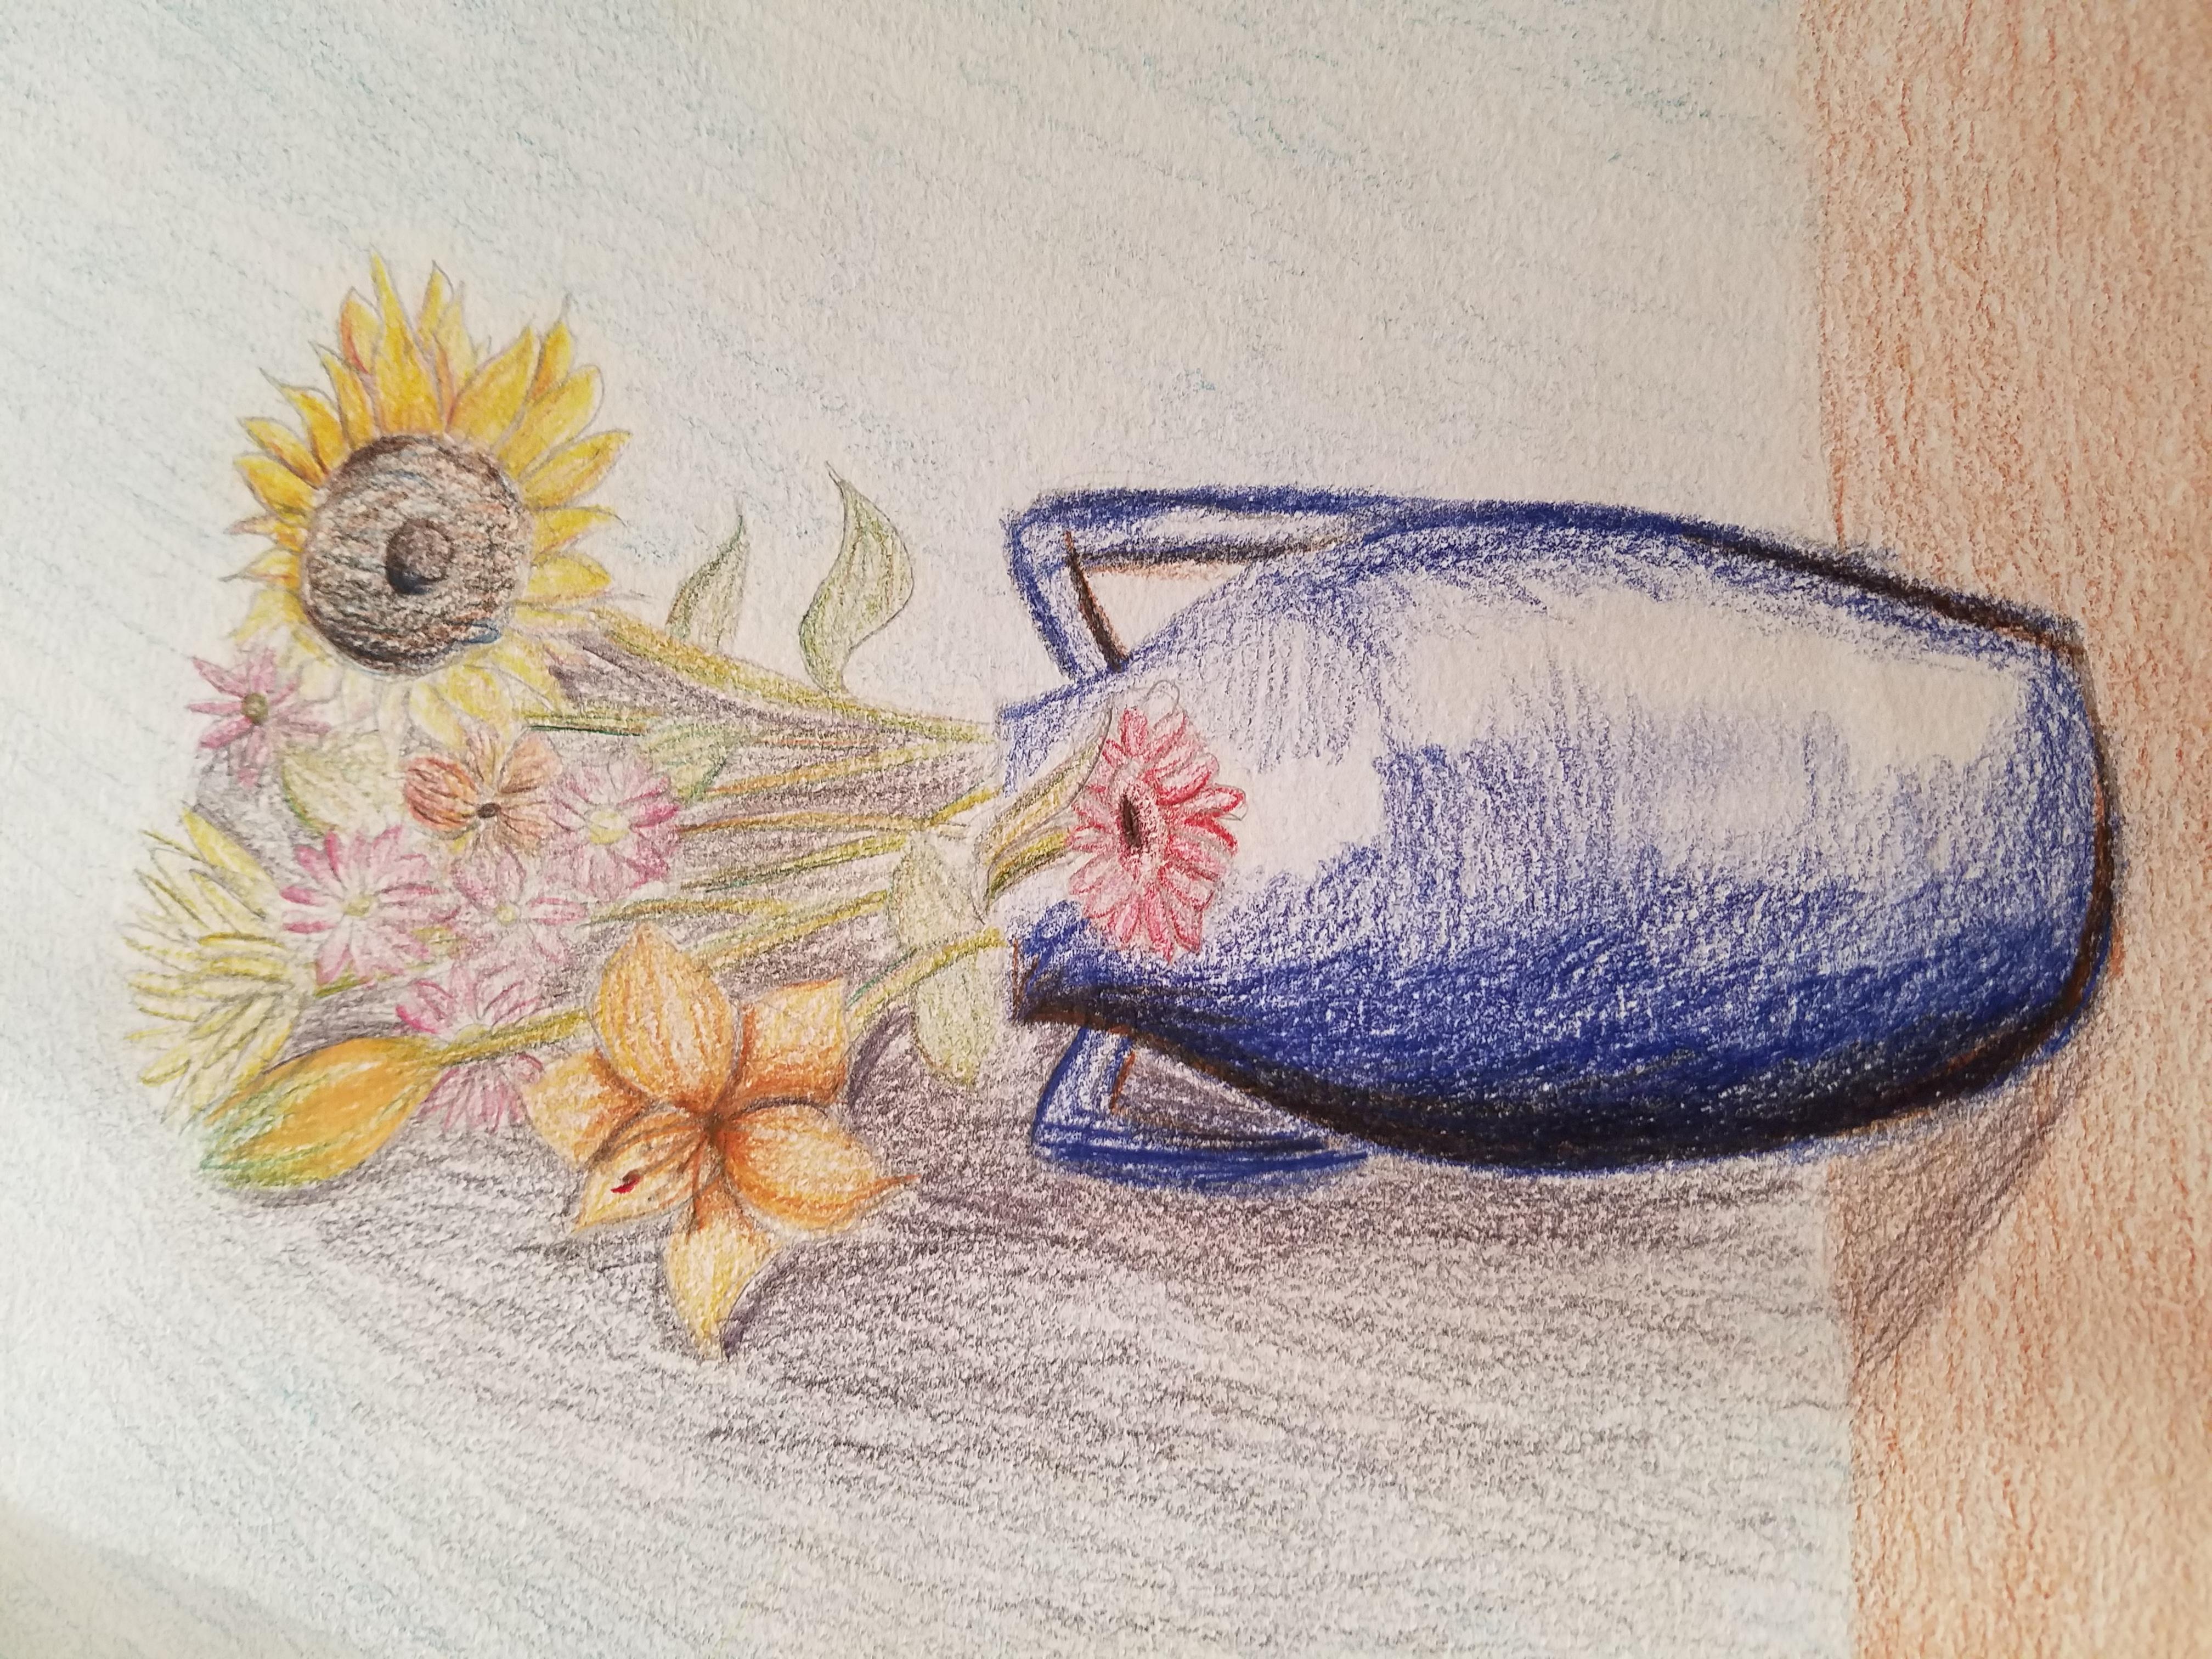 Vase Still Life - Age 10